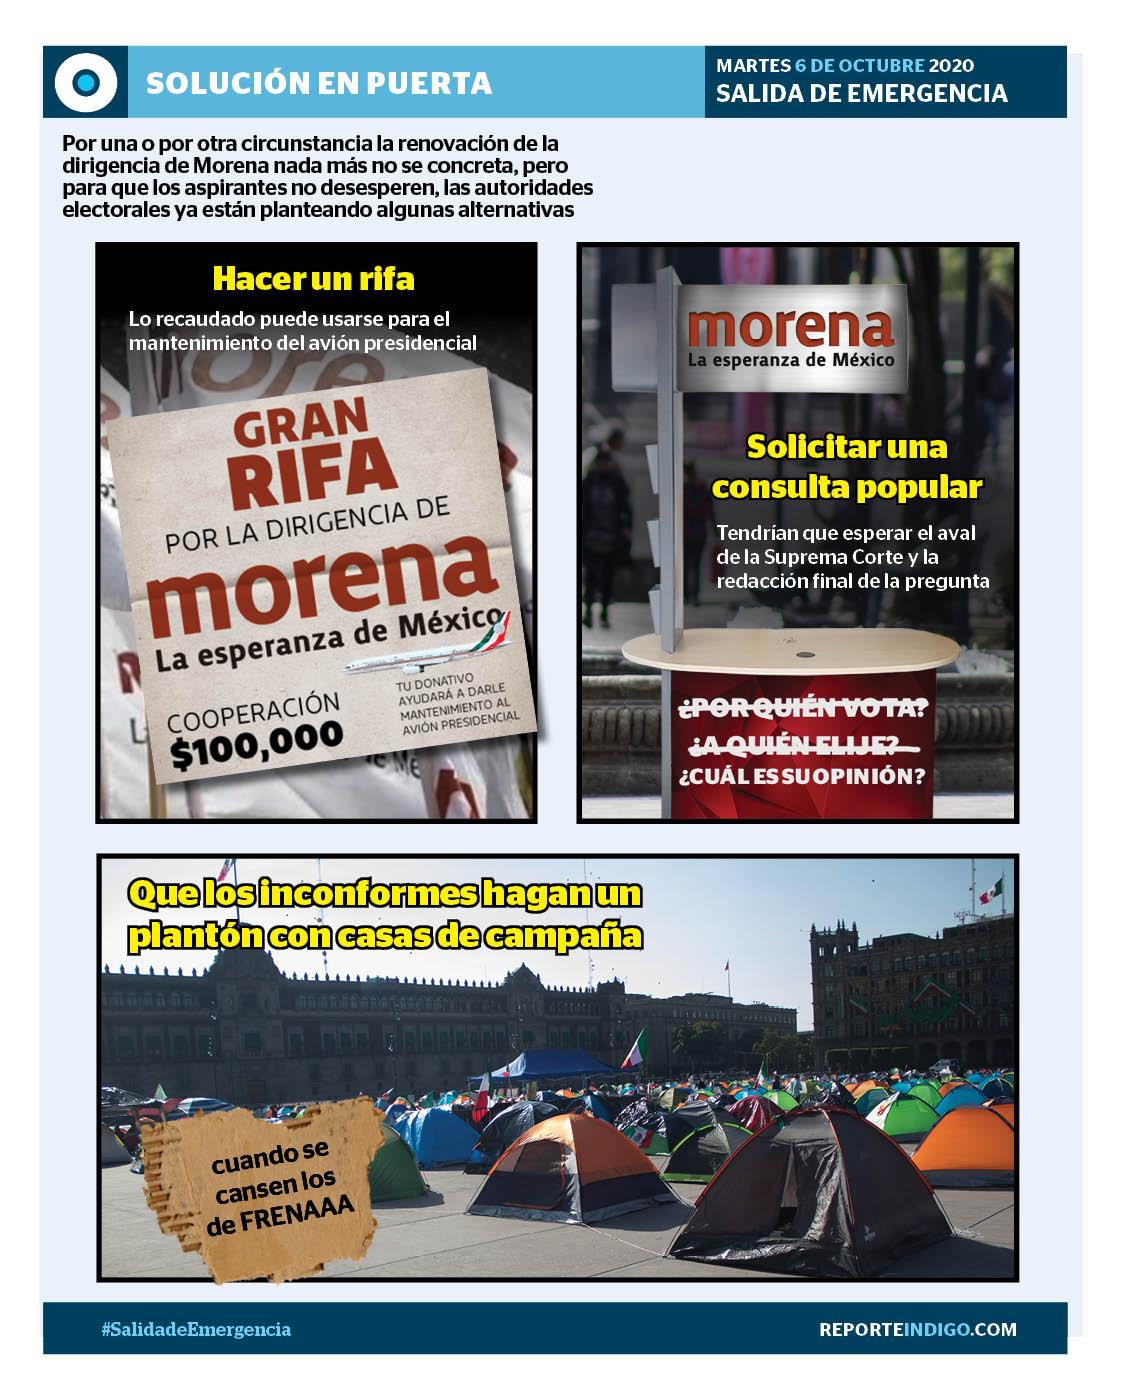 La renovación de la dirigencia de Morena nada más no se concreta